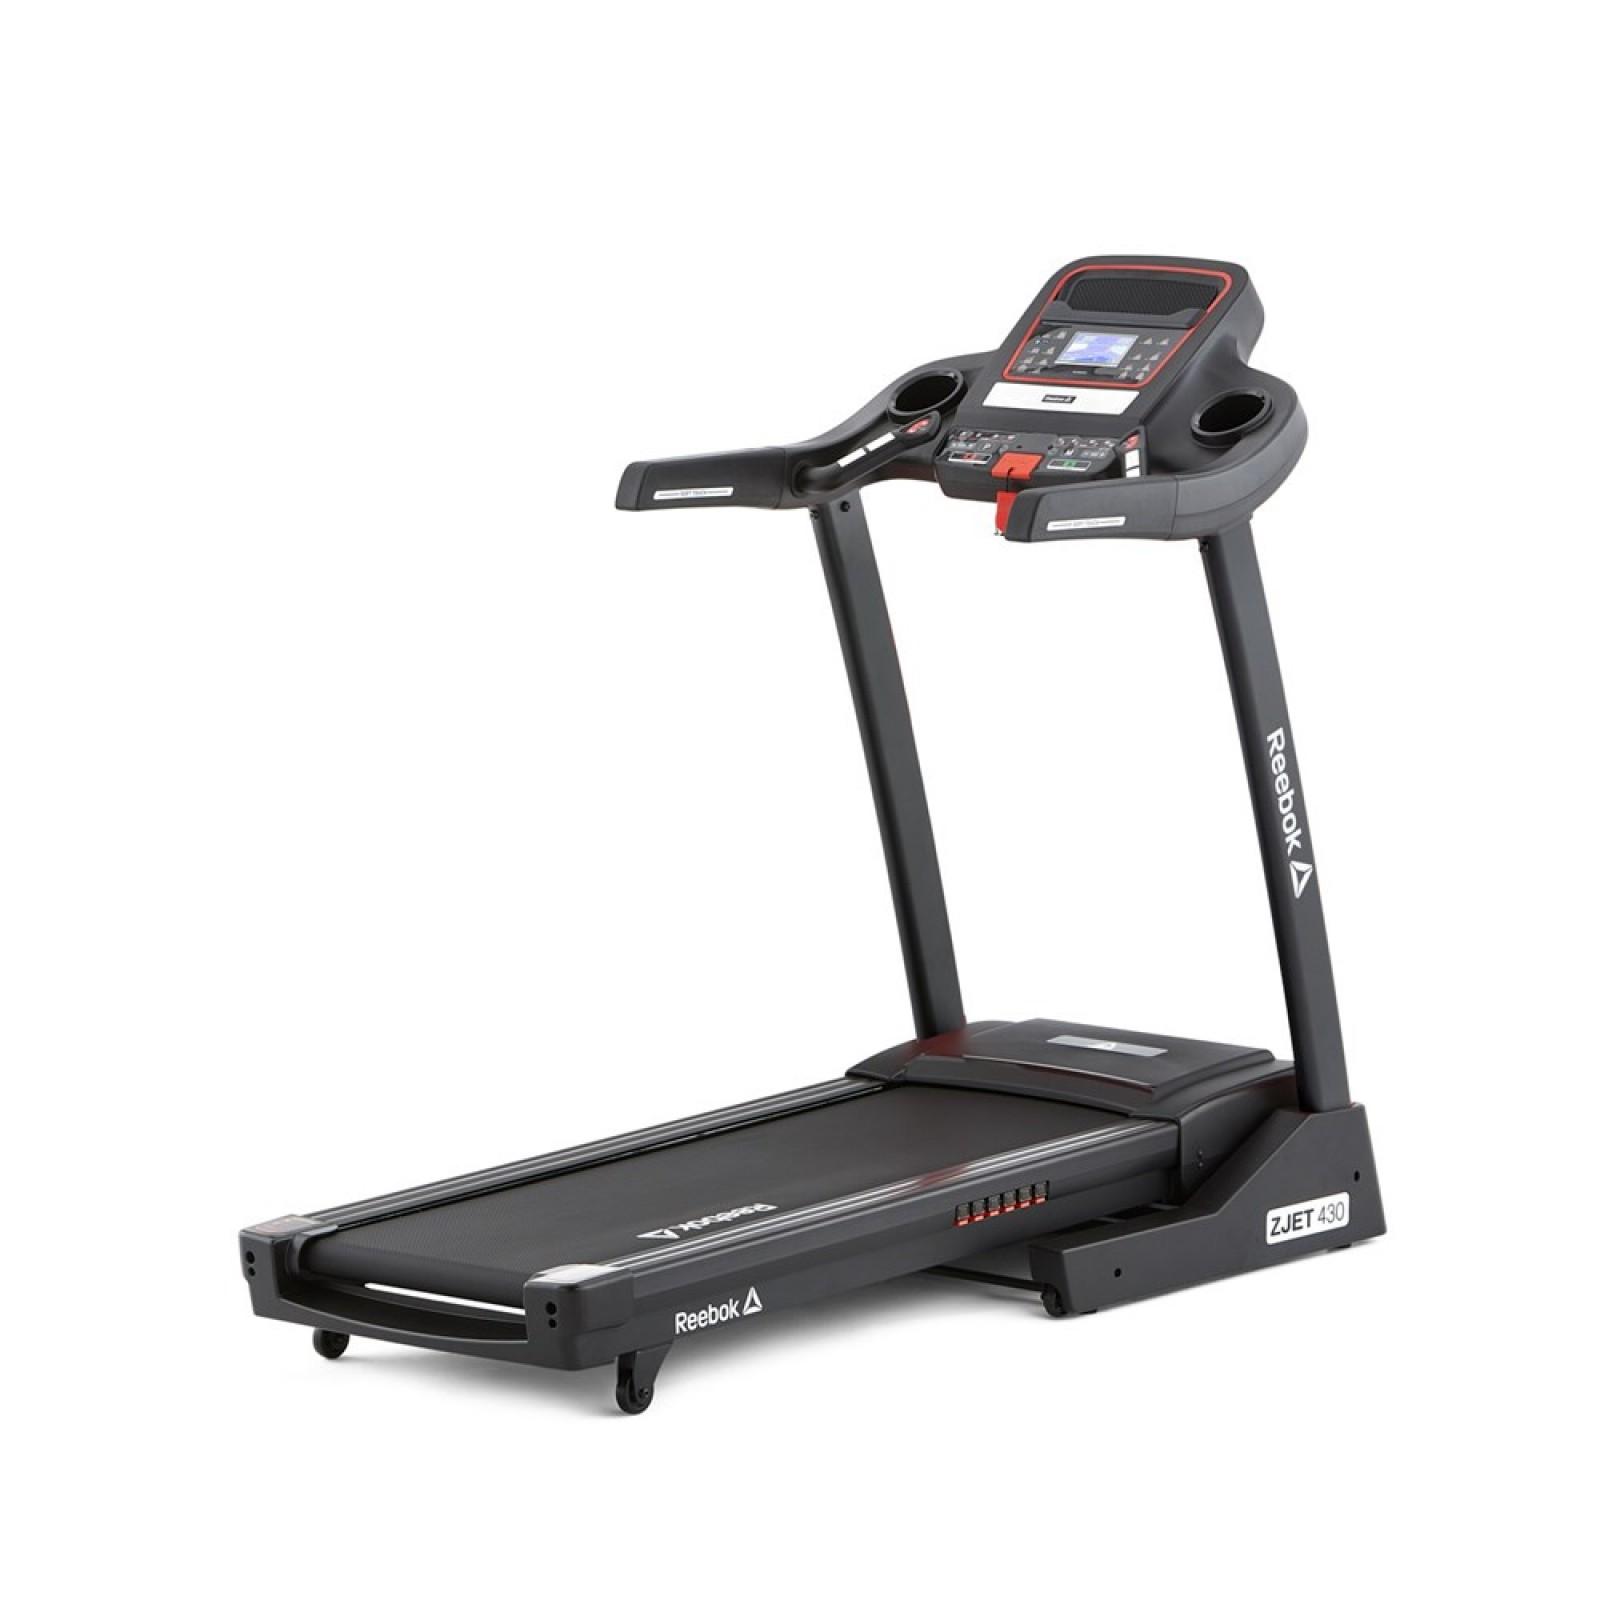 Worn Treadmill Deck: Reebok Treadmill Z-Jet 430